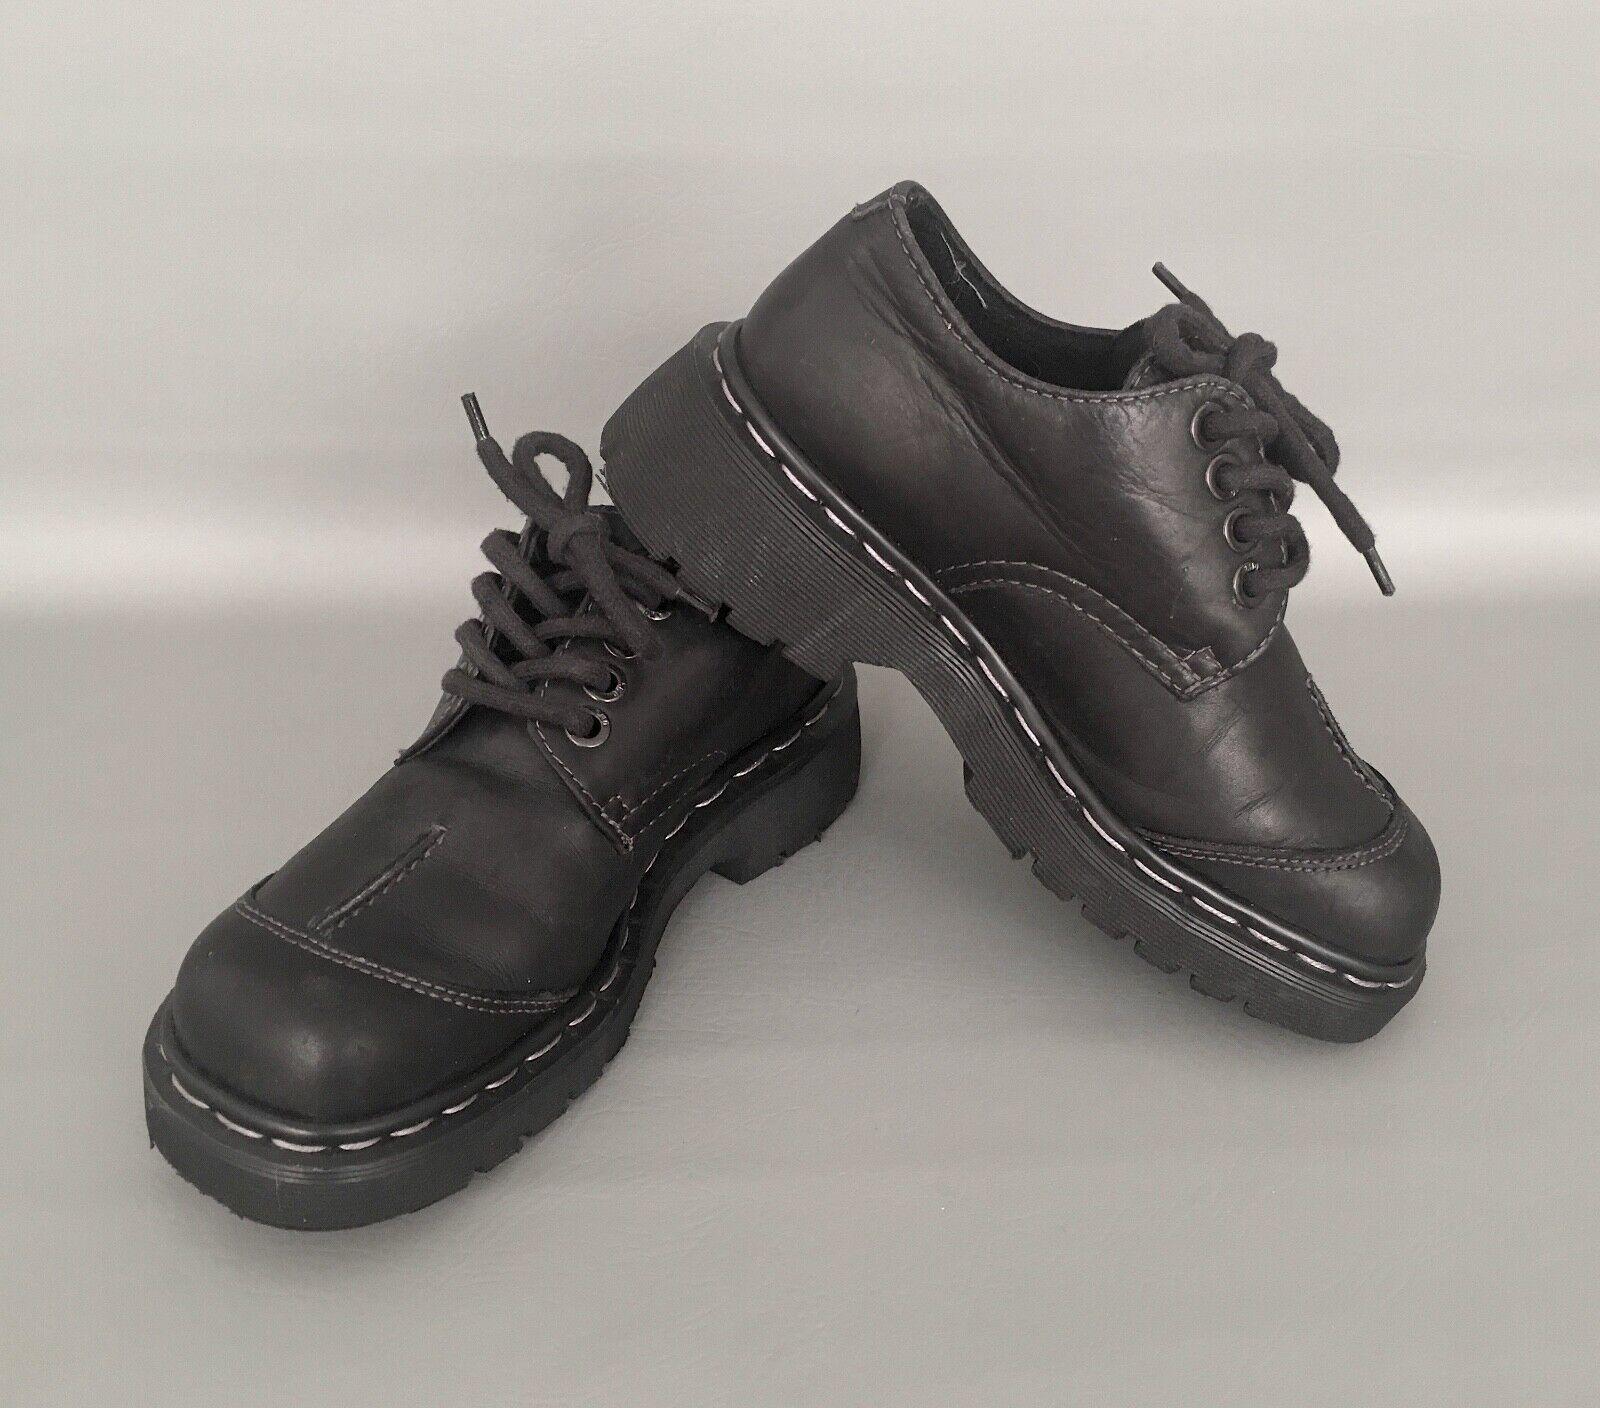 Dr. Martens Air Acolchada Suela Suela Suela Negro Zapatos Con Cordones Casual Adulto Para Mujer Talla .5  ofrecemos varias marcas famosas